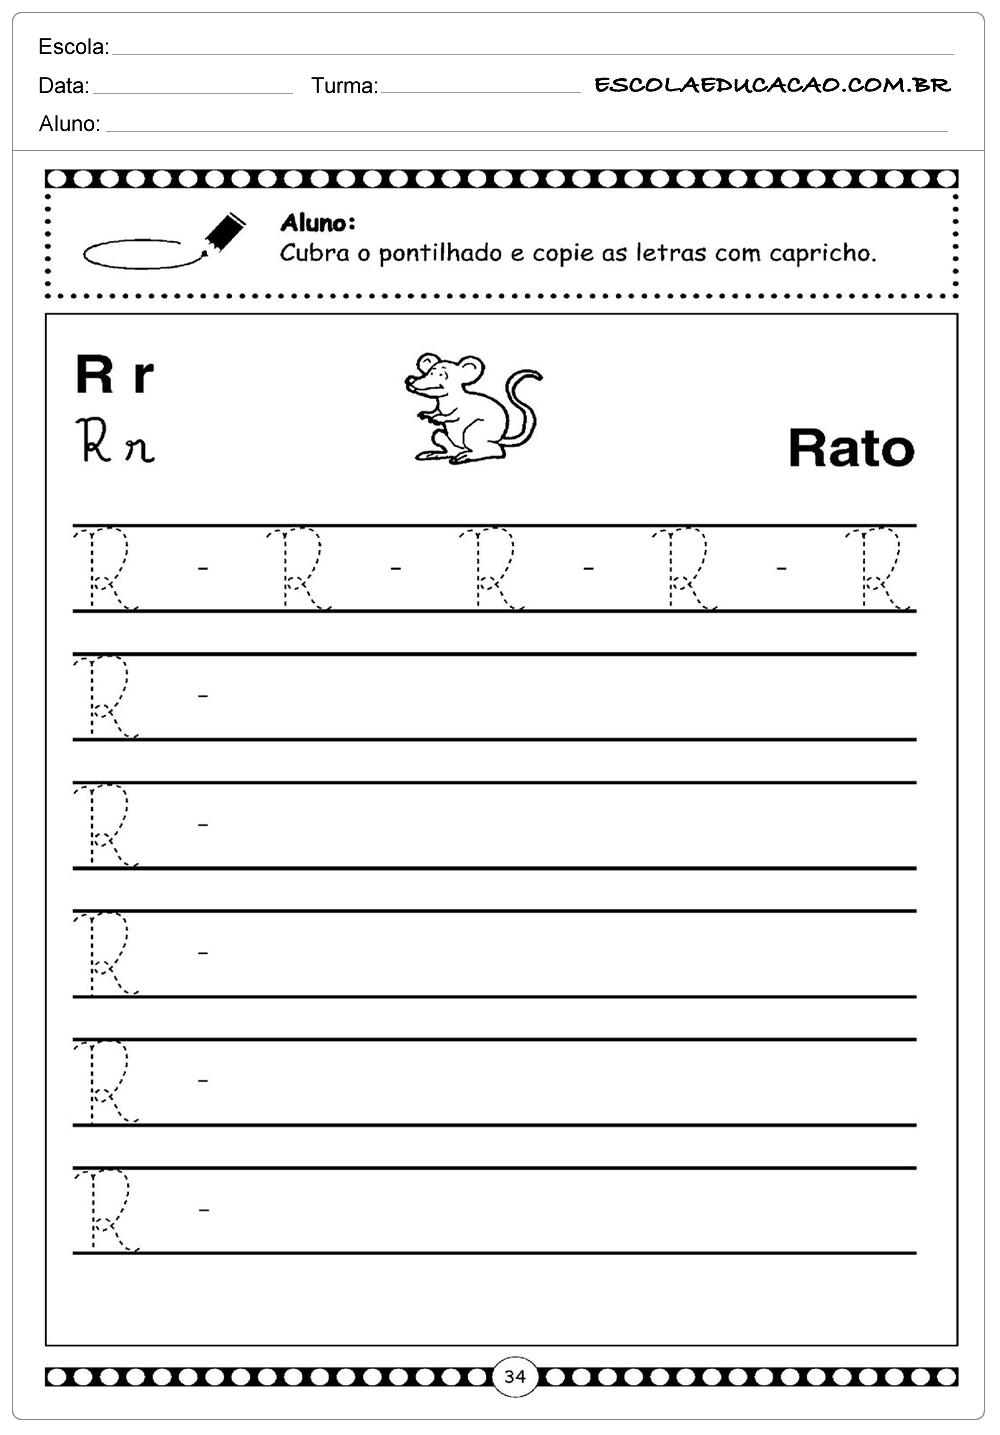 Alfabeto Cursivo – Rato